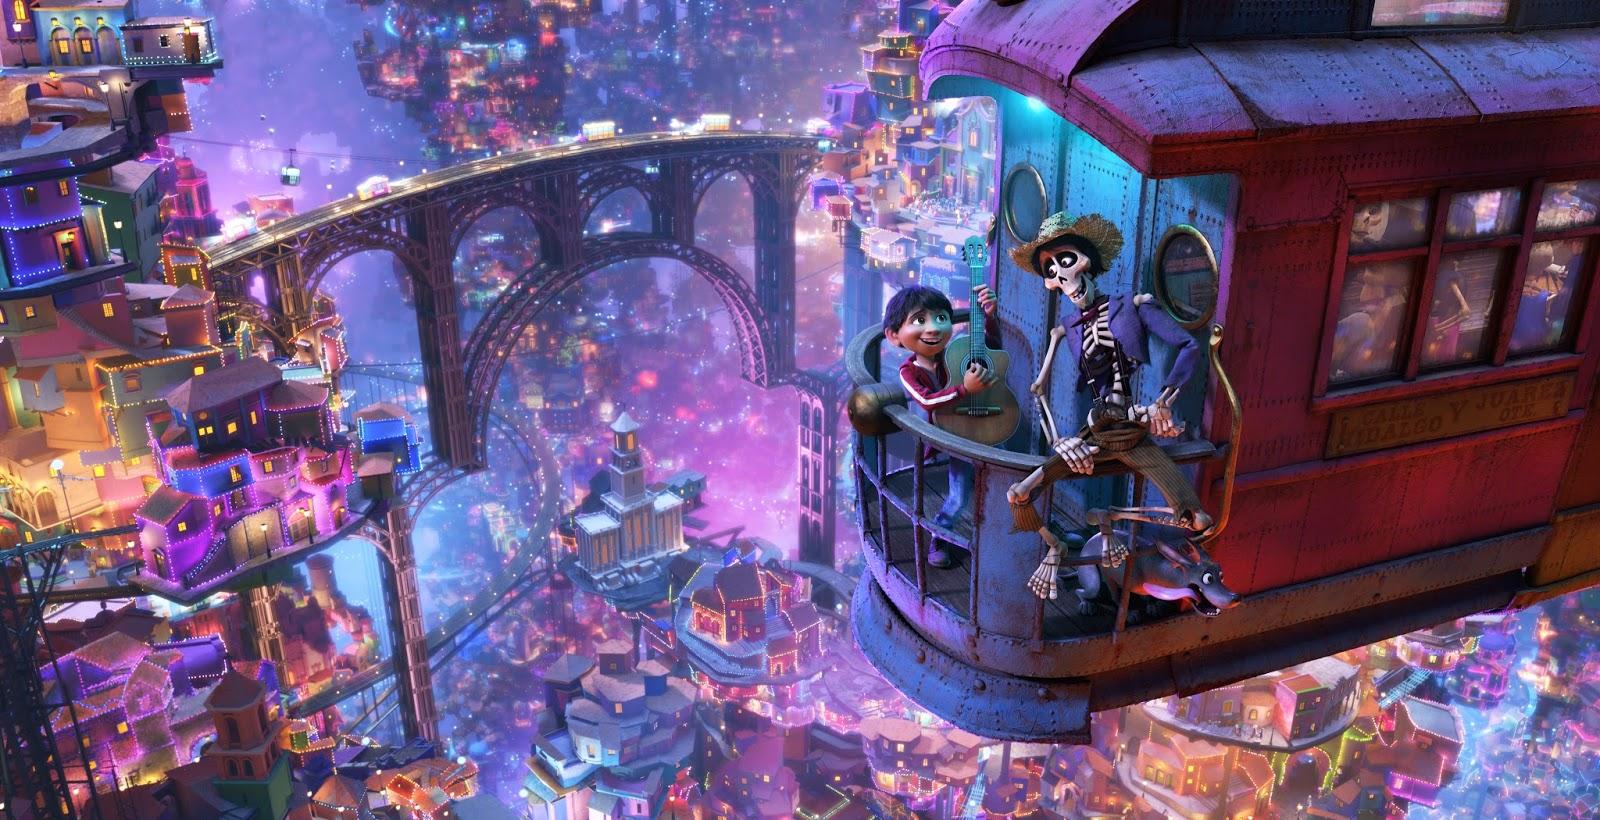 Fondos Para El Escritorio De La Computadora En Hd: Fondos De Pantalla Ordenador Disney